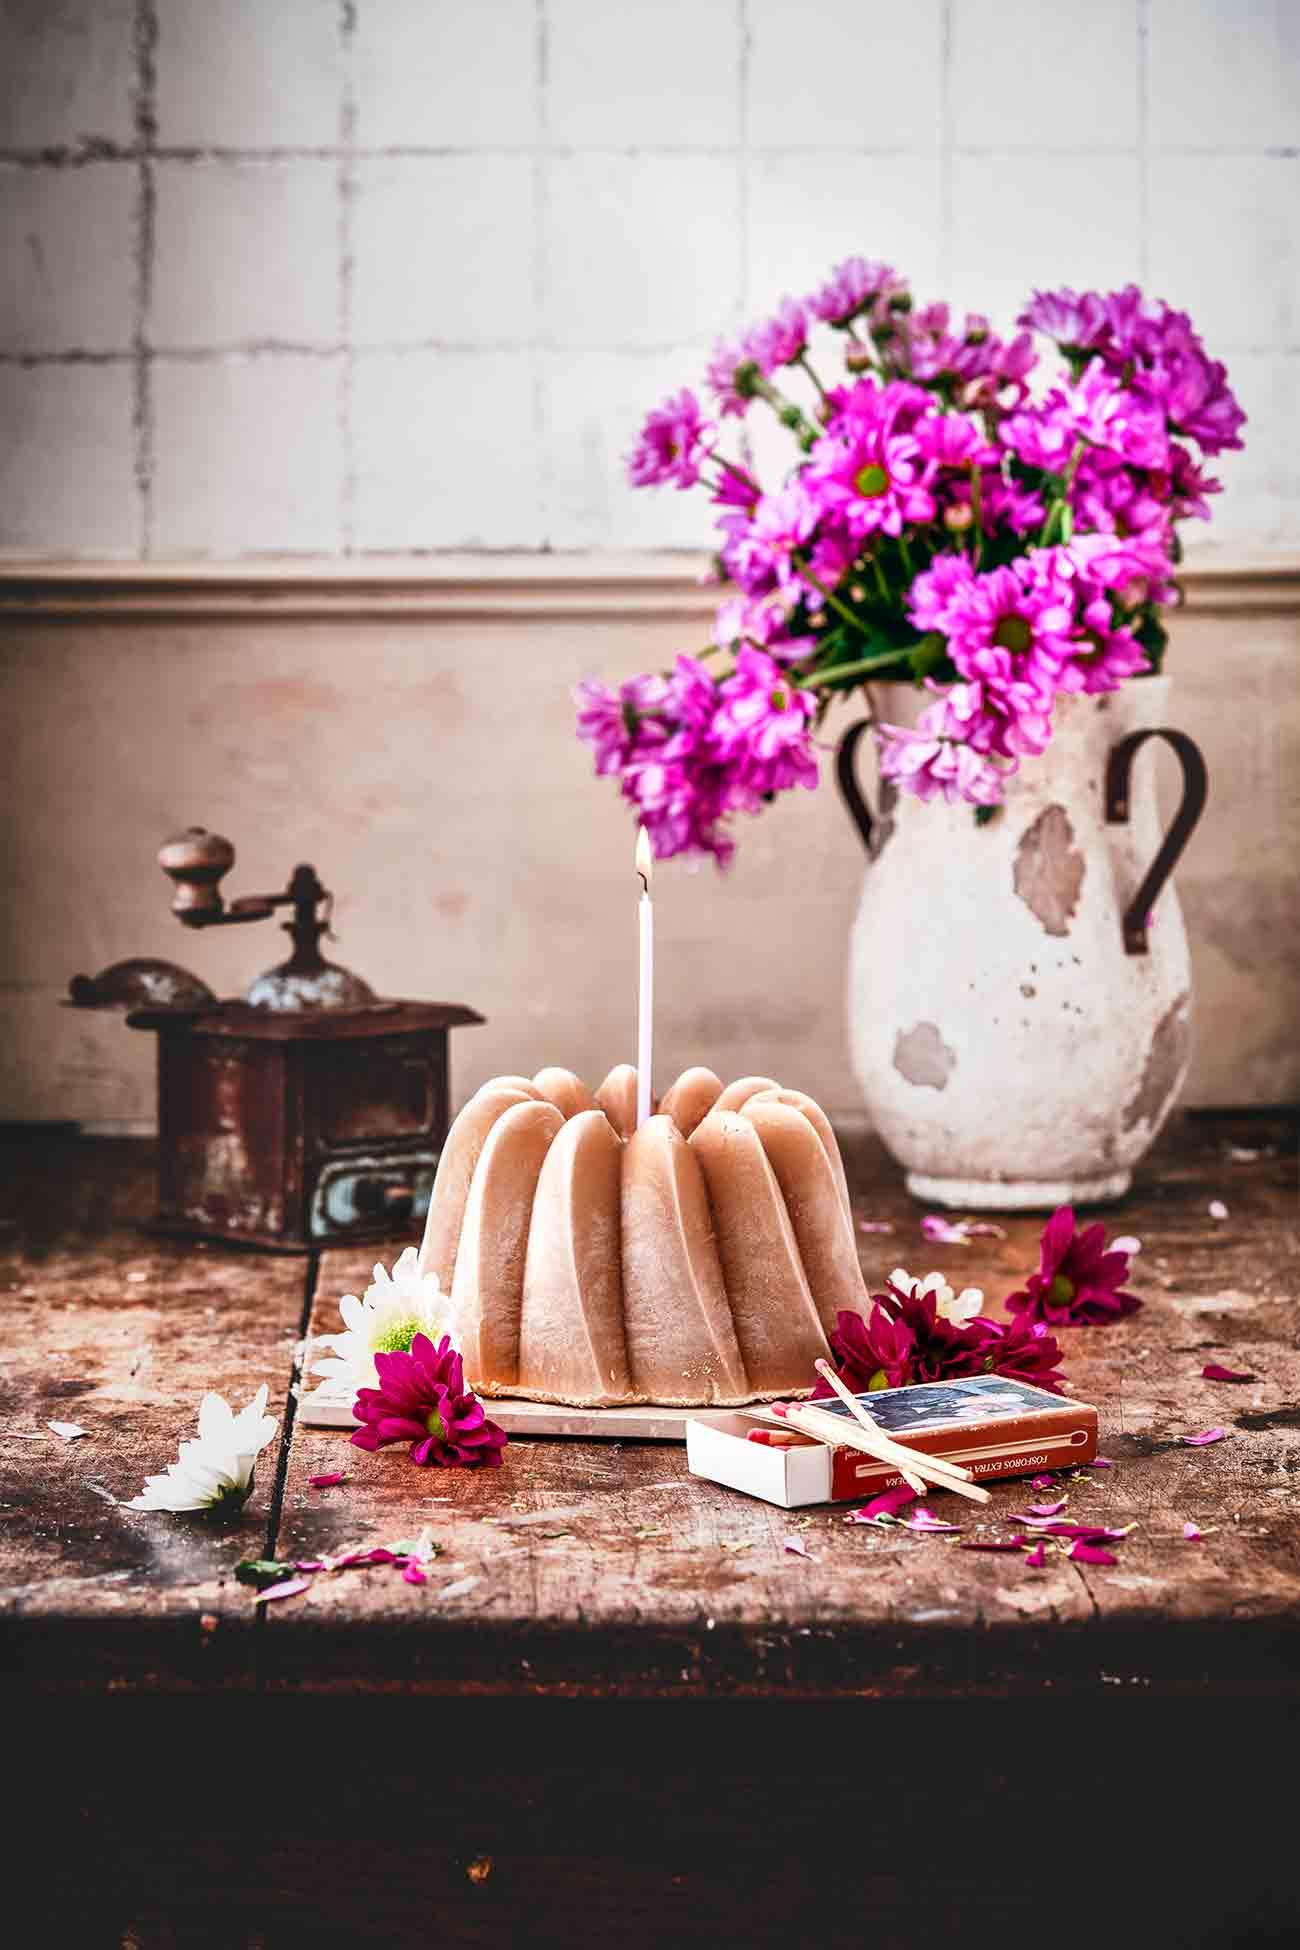 """In der warmen Jahreszeit einen eiskalten Eiskaffee zu genießen, gehört für mich ebenso zum Sommer wie auch eine Menge Eis zu verdrücken. Und siehe da…ein Eiskaffe-Eis Gugel vereint einfach beides. Ein perfekter """"Kuchen"""" für jedes Sommer-Geburtstagskind.  Und für den Geburtstag nur das Beste: Daher habe ich einen ganz besonderen Kaffee meines Partners Jacobs gewählt. Die Bohnen der Jacobs Barista Editons Selektion des Jahres enthalten 100 % Arabica Bohnen aus Brasilien mit einer leicht nussigen Note."""